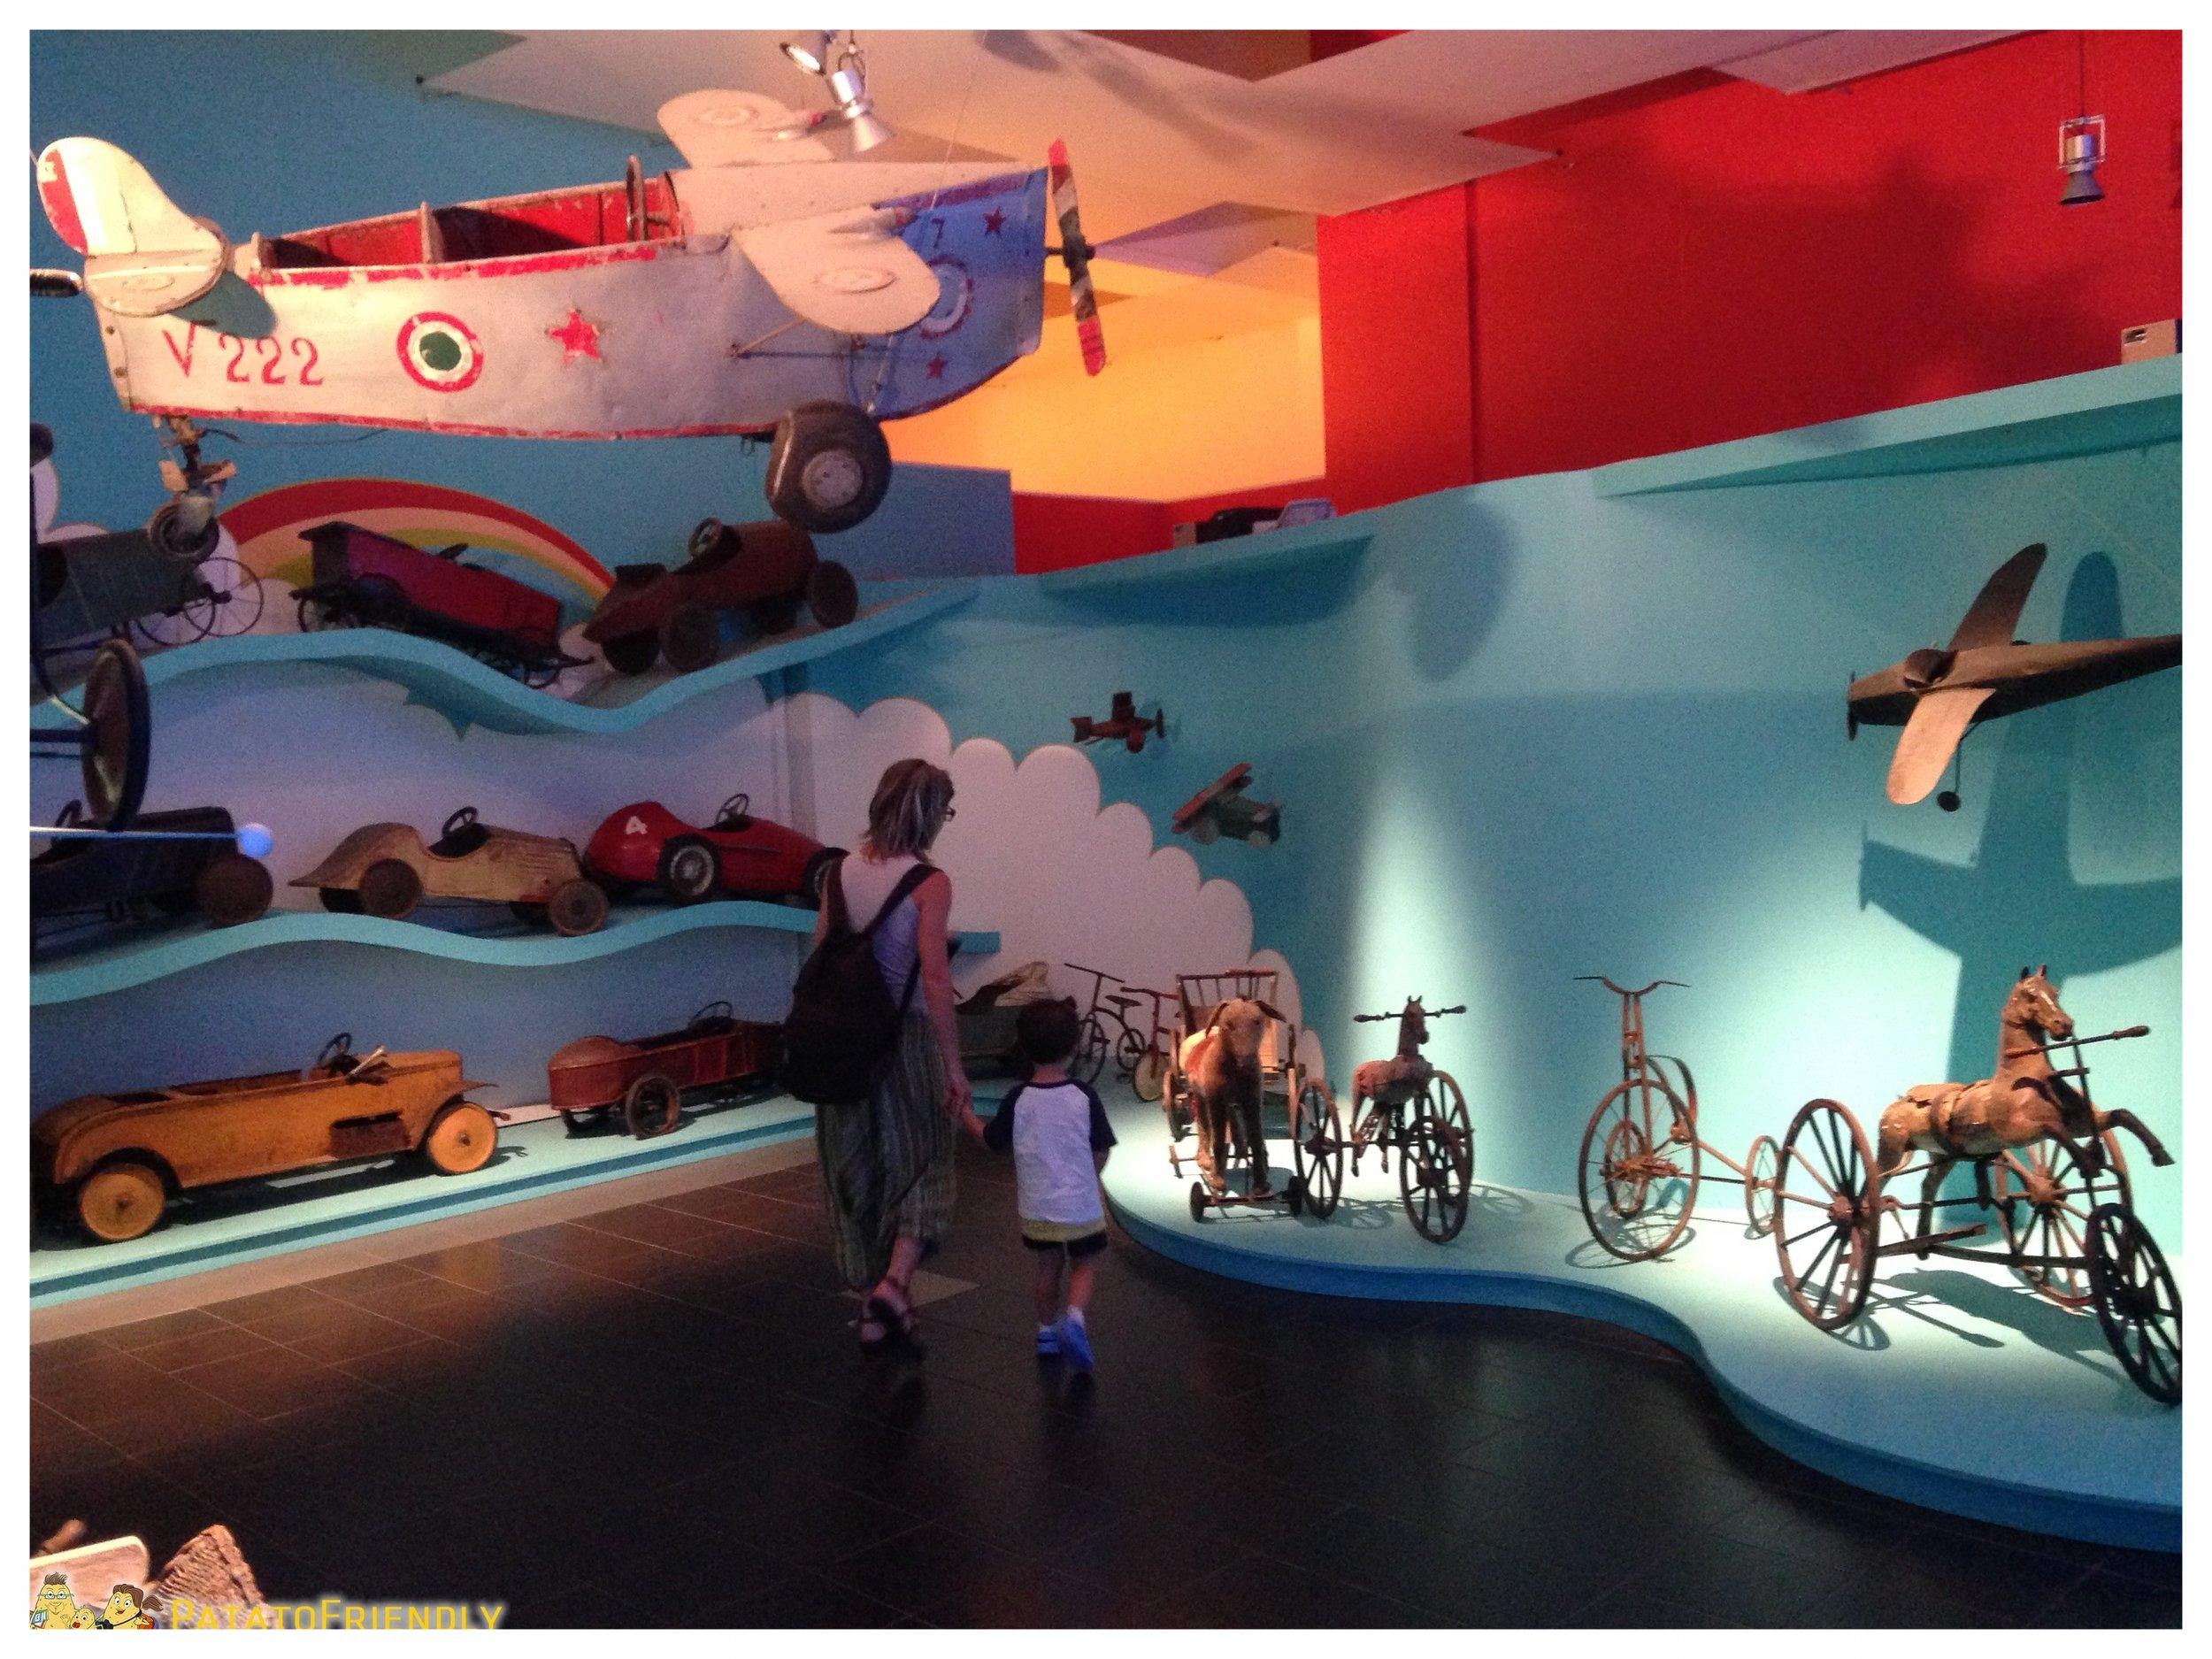 museo del giocattolo bra cuneo langhe roero percorsi visite.jpg